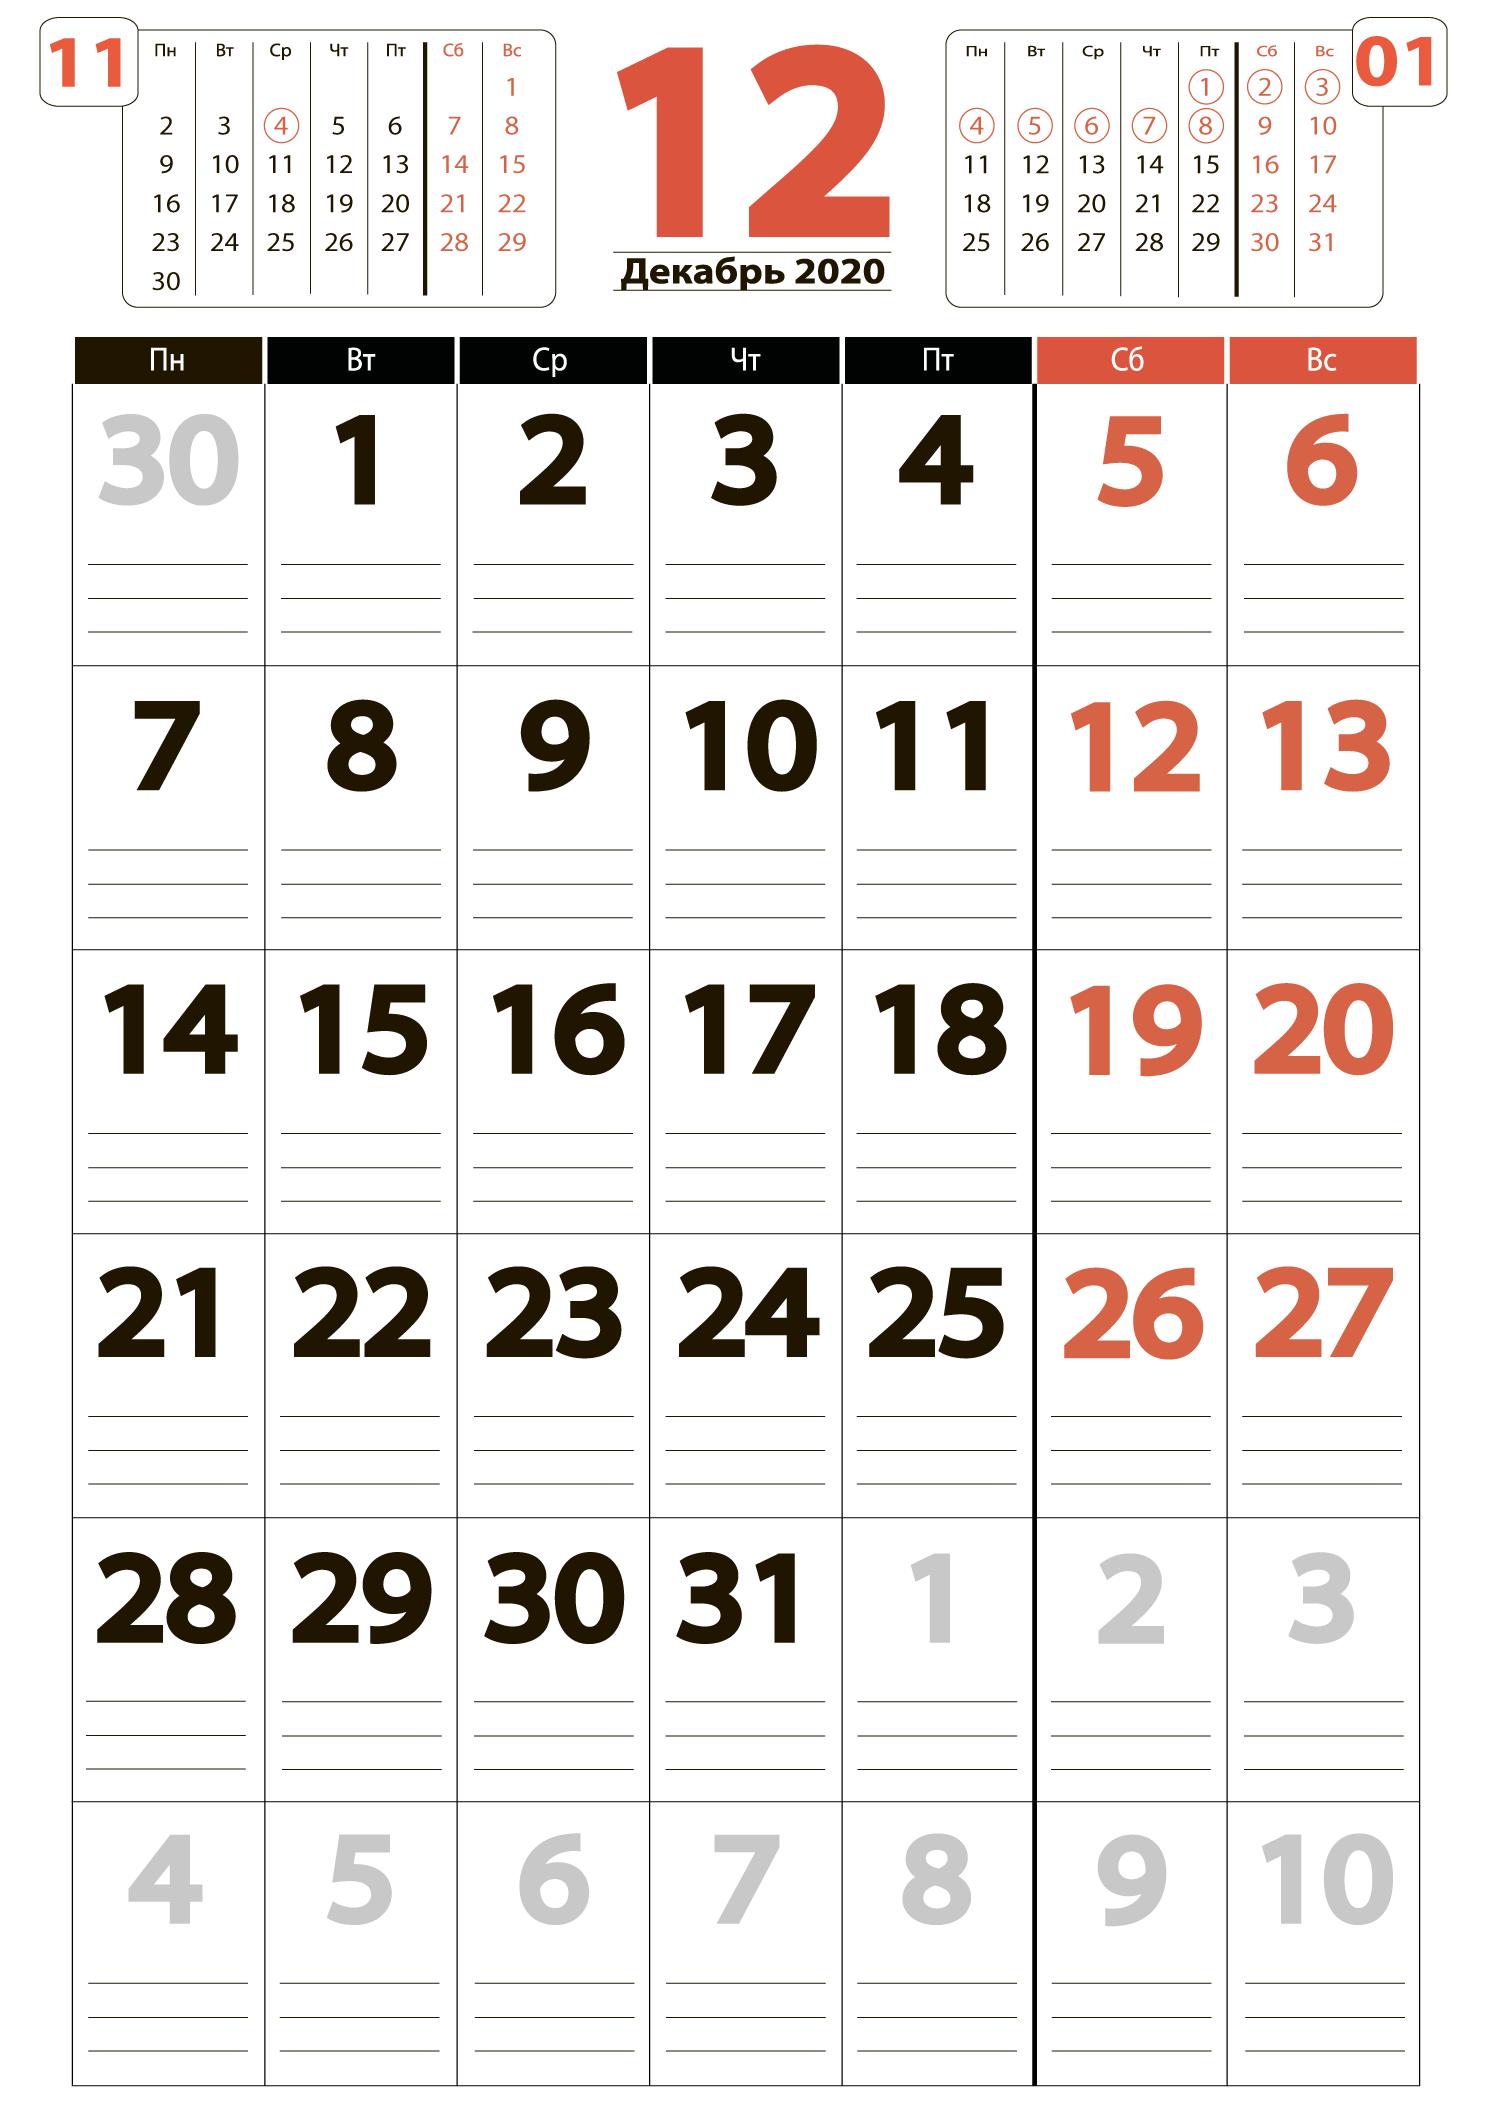 Календарь на декабрь 2020 - скачать